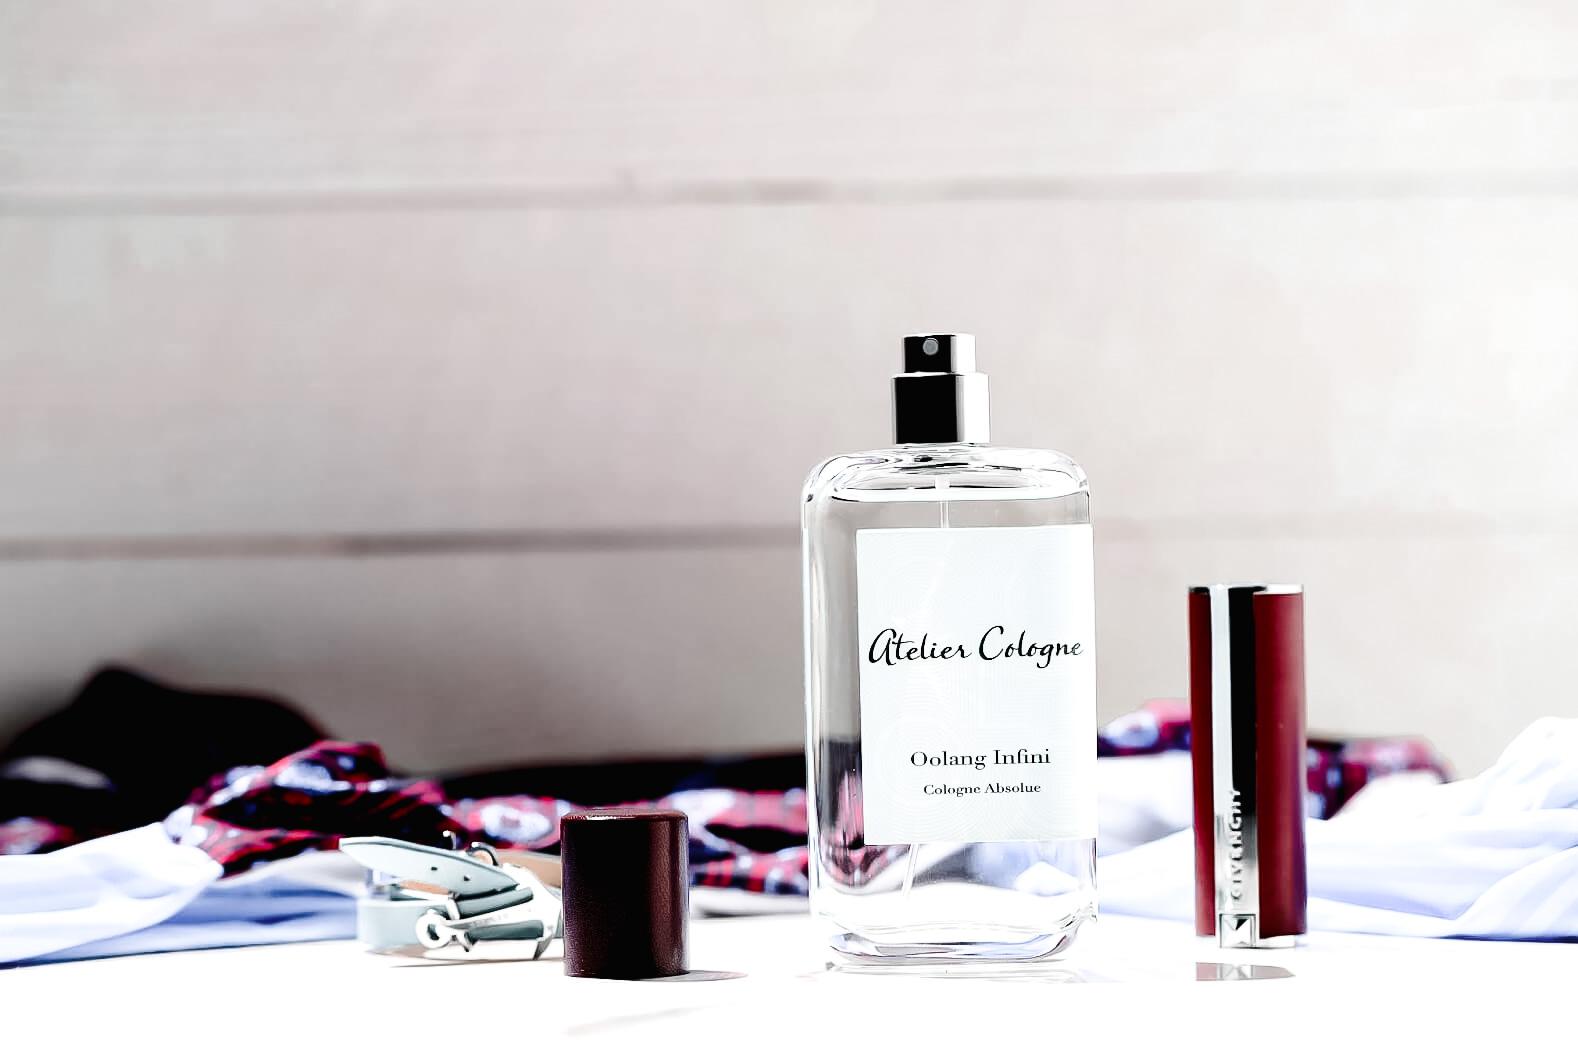 Atelier Cologne Oolang Infini parfum